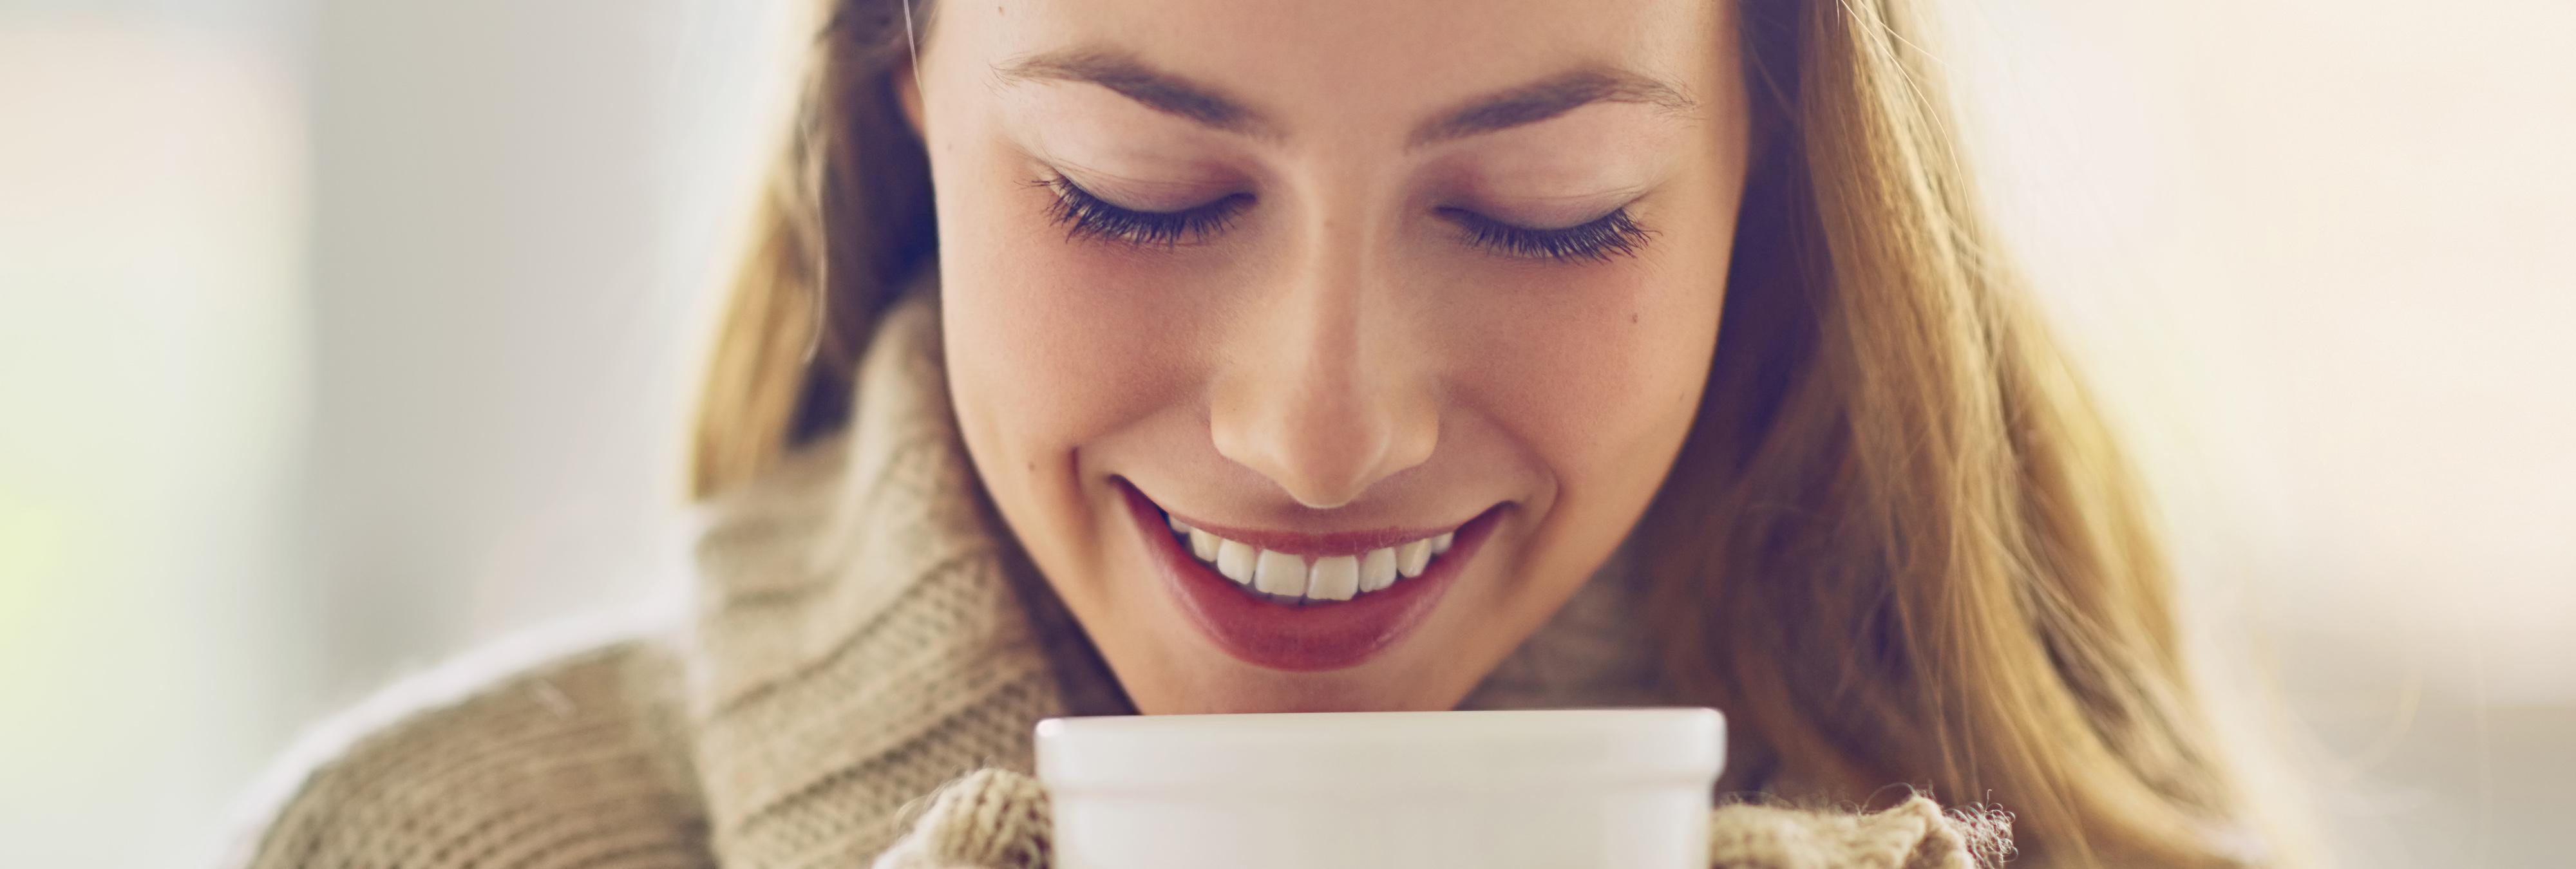 ¿Desea acompañar su café con un pene? Ya es realidad